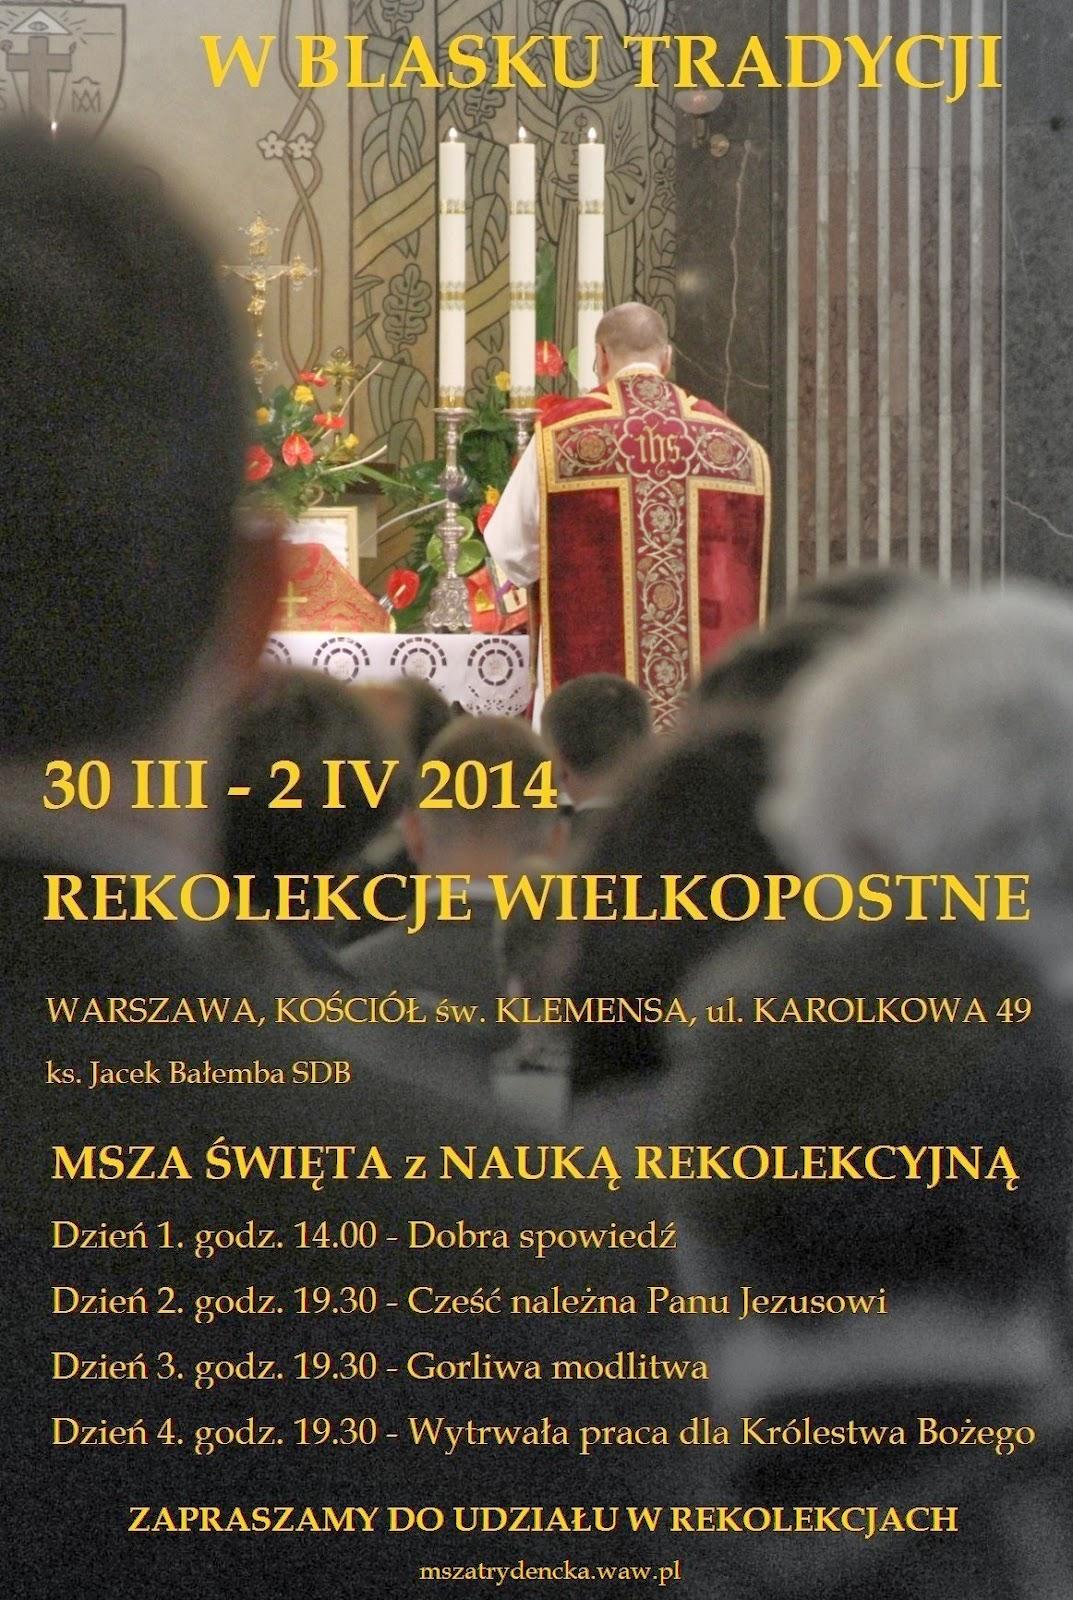 http://www.mszatrydencka.waw.pl/